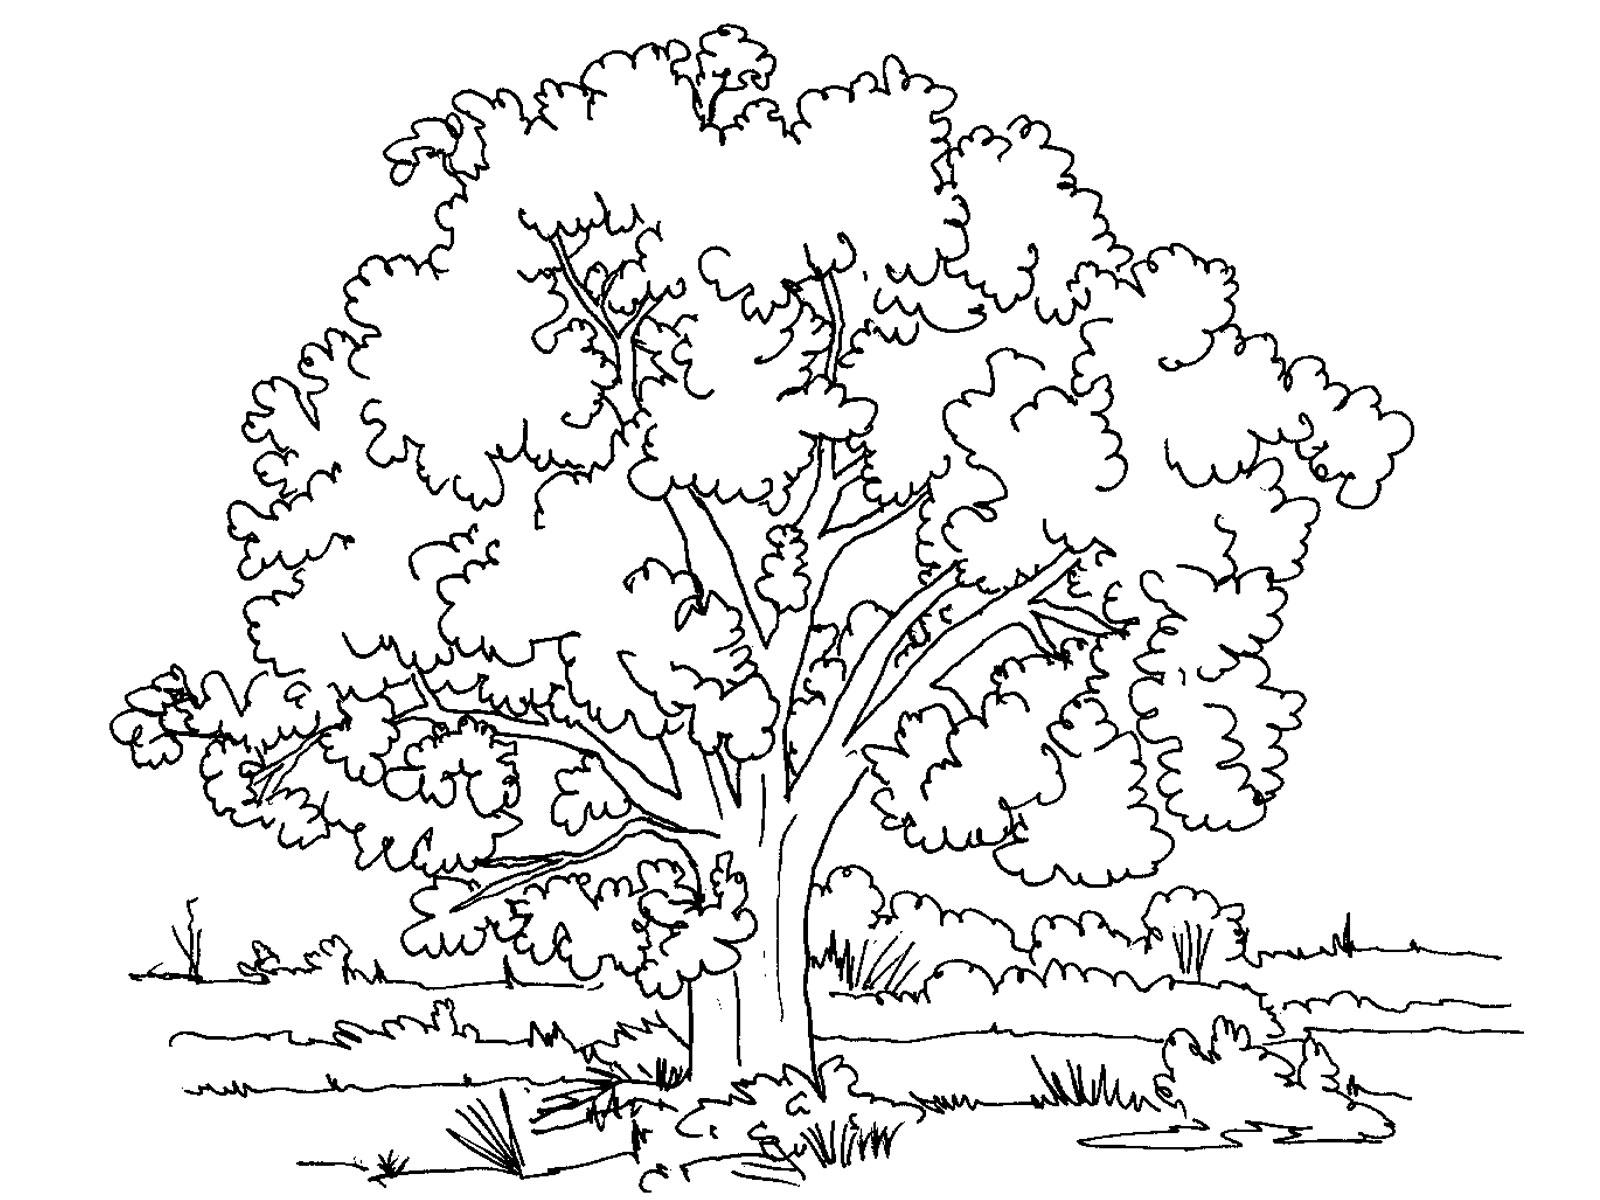 Раскраски деревья Раскраски Деревья для детей - это большой сборник картинок деревьев с листьями, без листьев, елки, дуб, береза, яблоня.